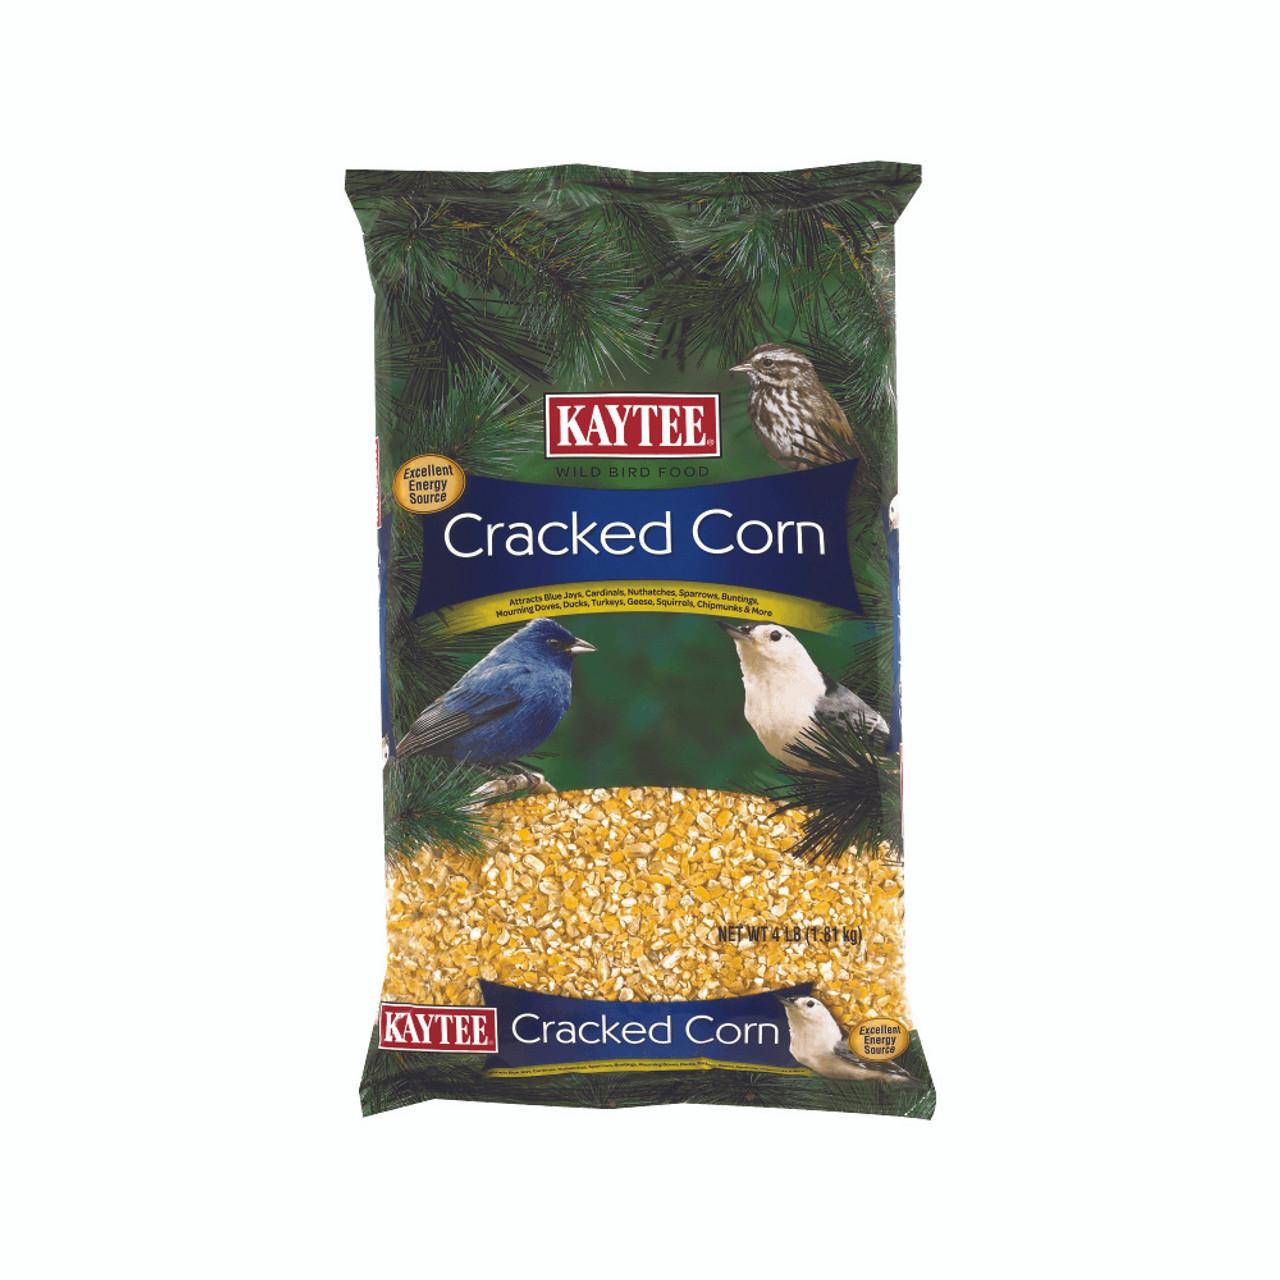 Kaytee Cracked Corn Wild Bird Food